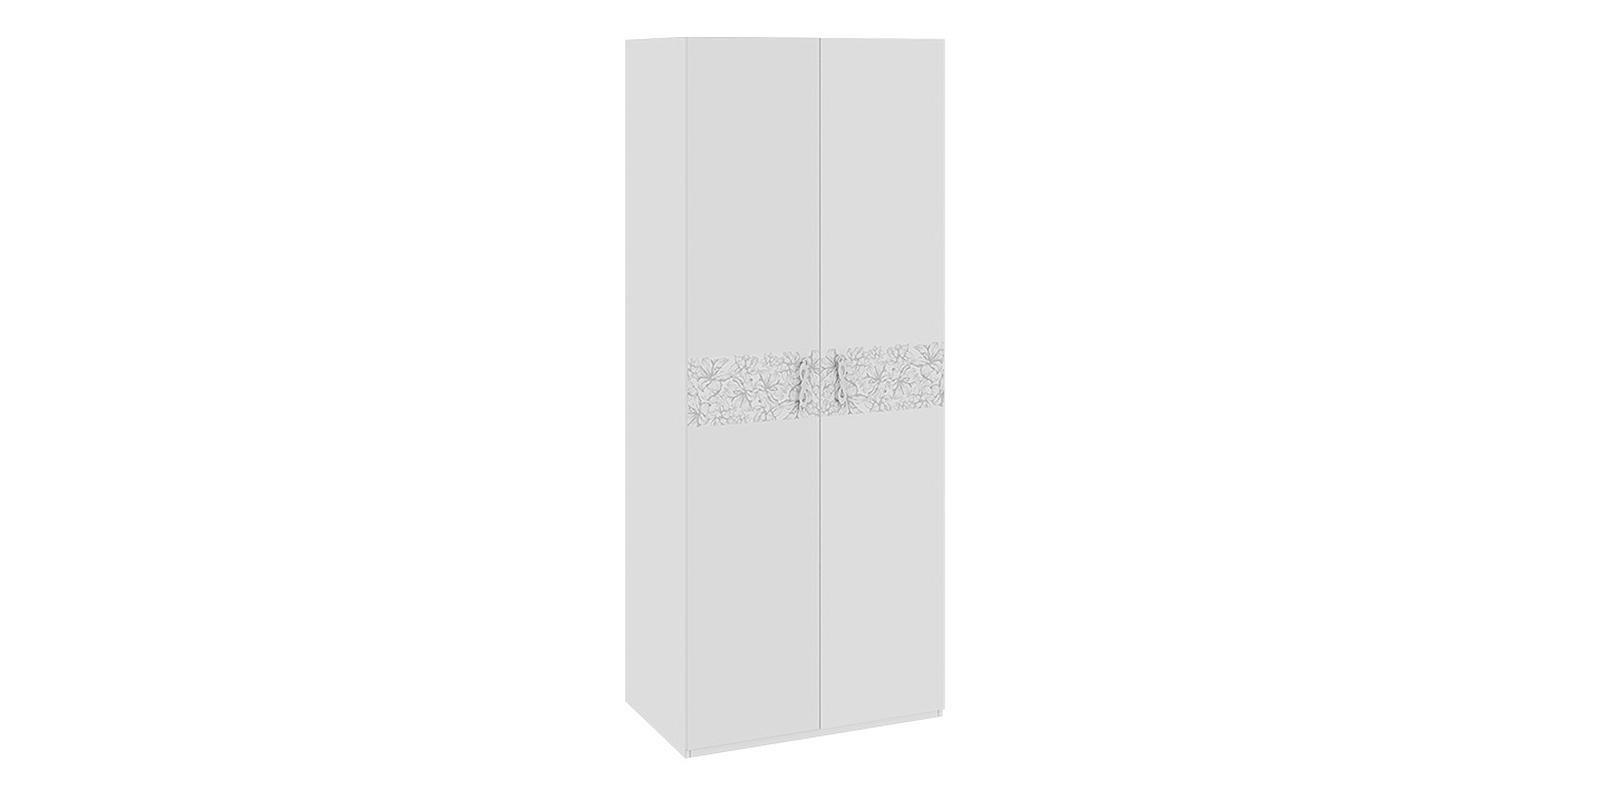 Шкаф распашной двухдверный Давос (белый матовый)